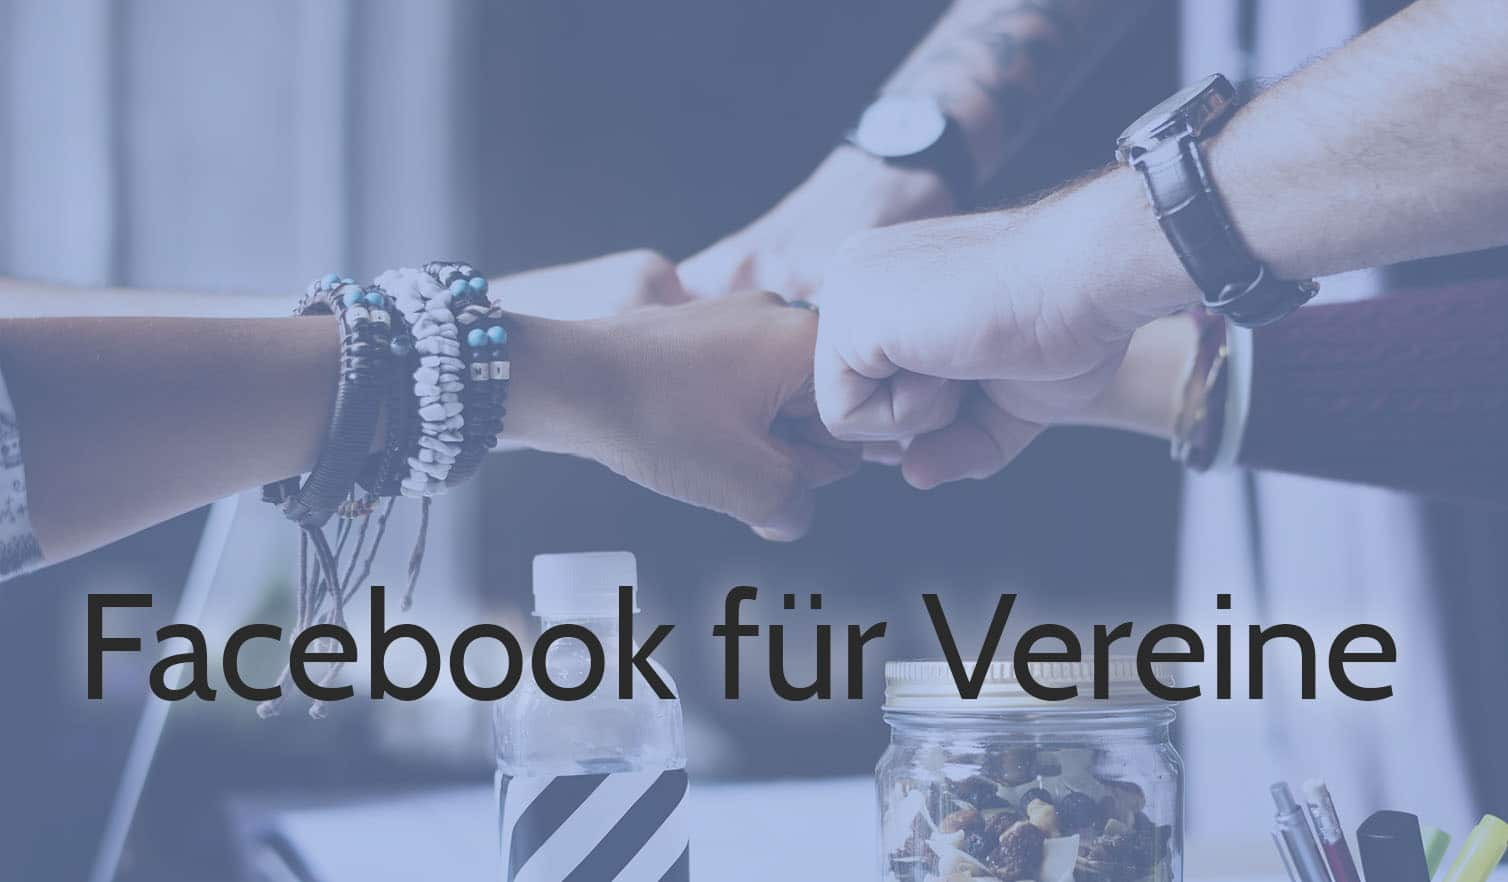 gruverde facebook fur vereine hände